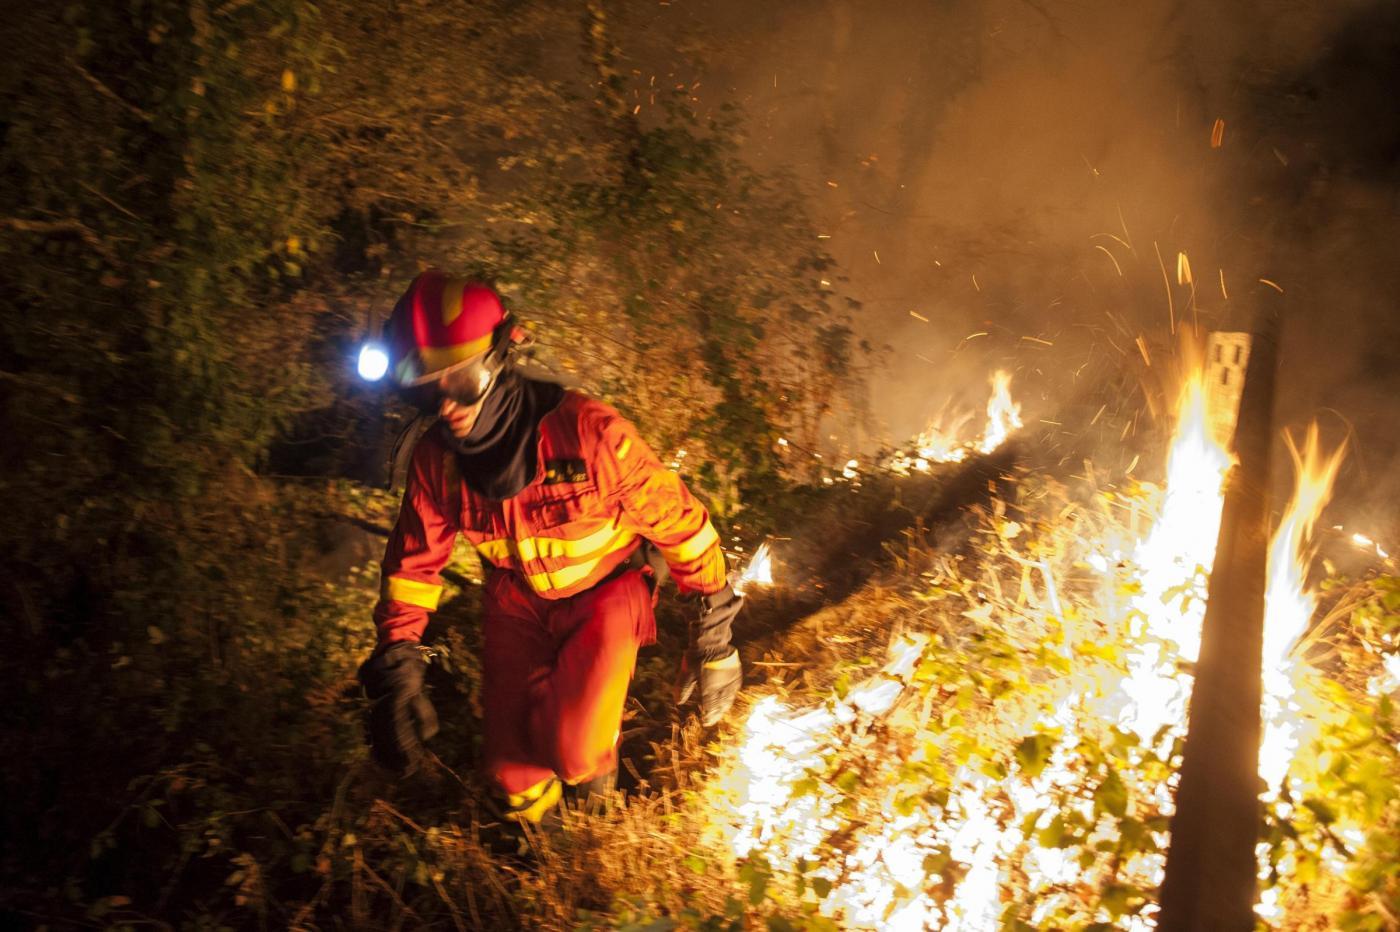 Spagna: gli incendi imperversano in Galizia [GALLERY]